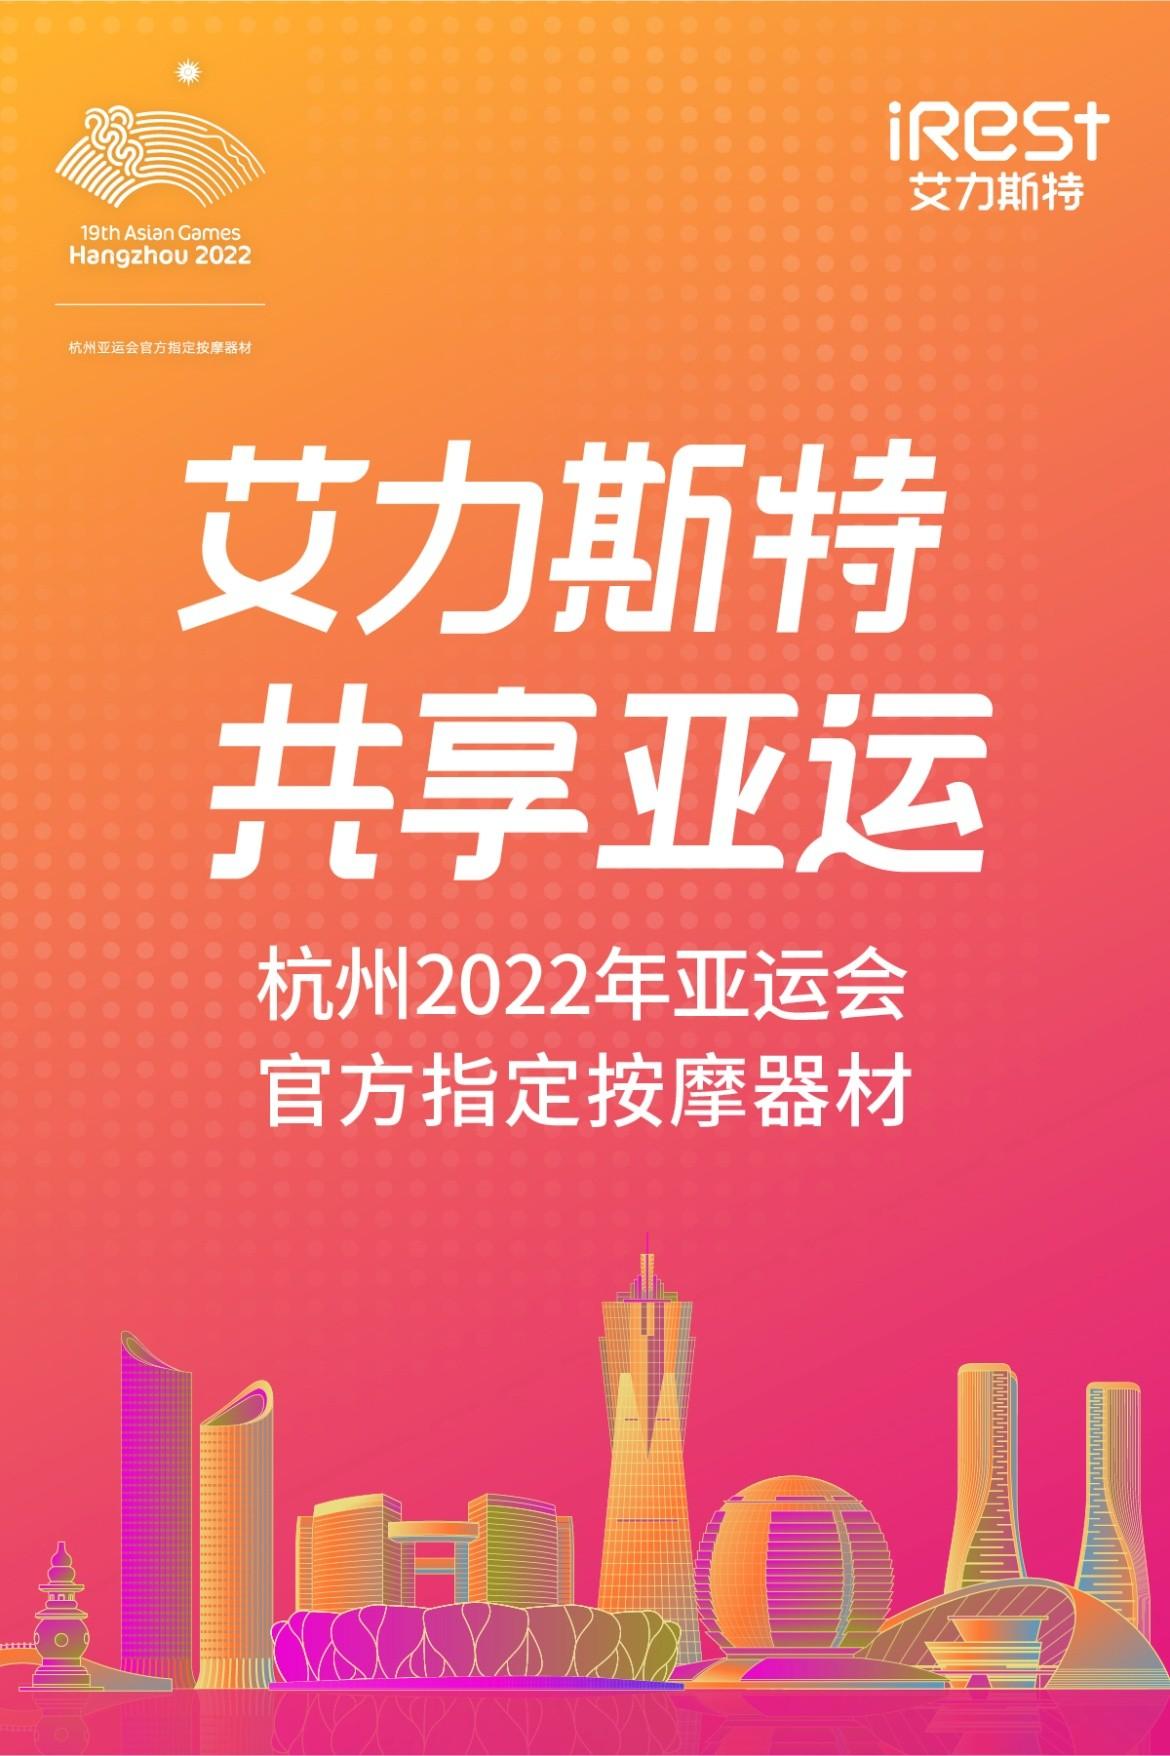 官宣!艾力斯特牵手杭州2022年第19届亚运会